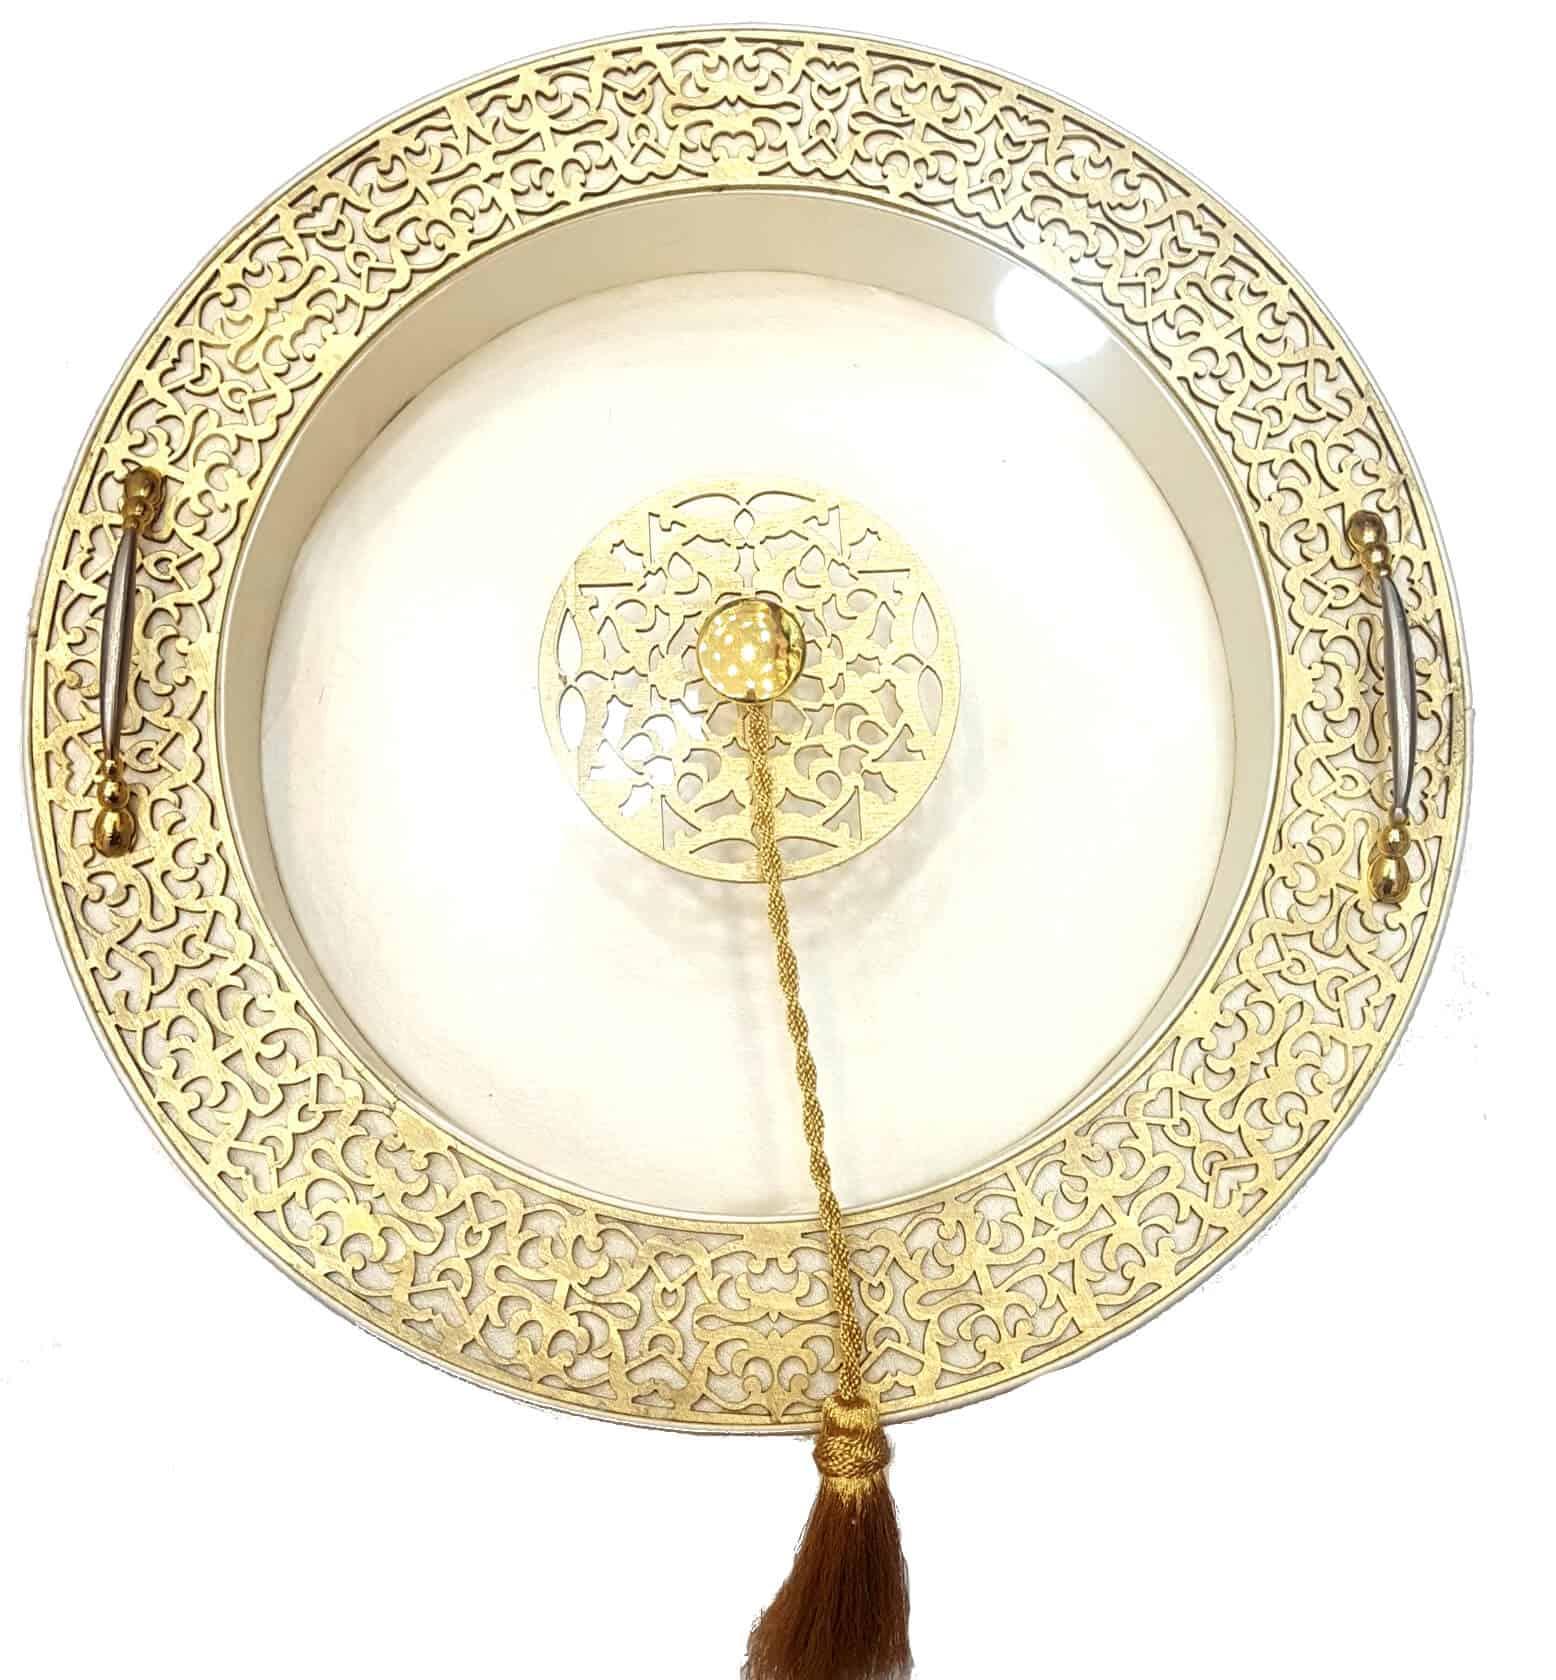 Boite dorée avec des gravures en Oud